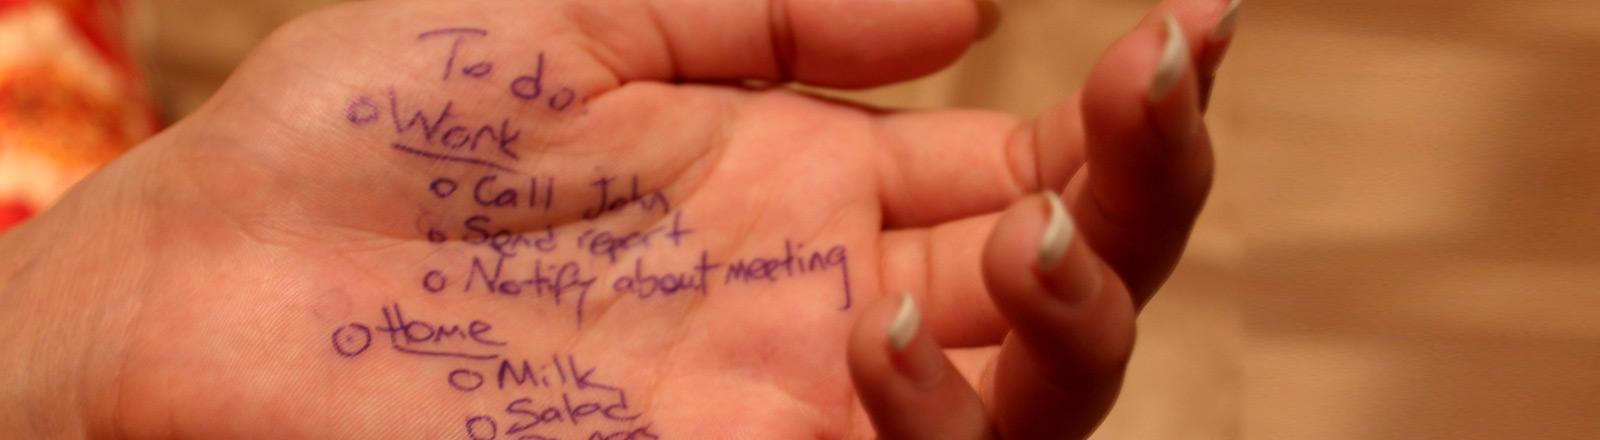 Eine Hand mit zwei Listen darauf geschrieben.